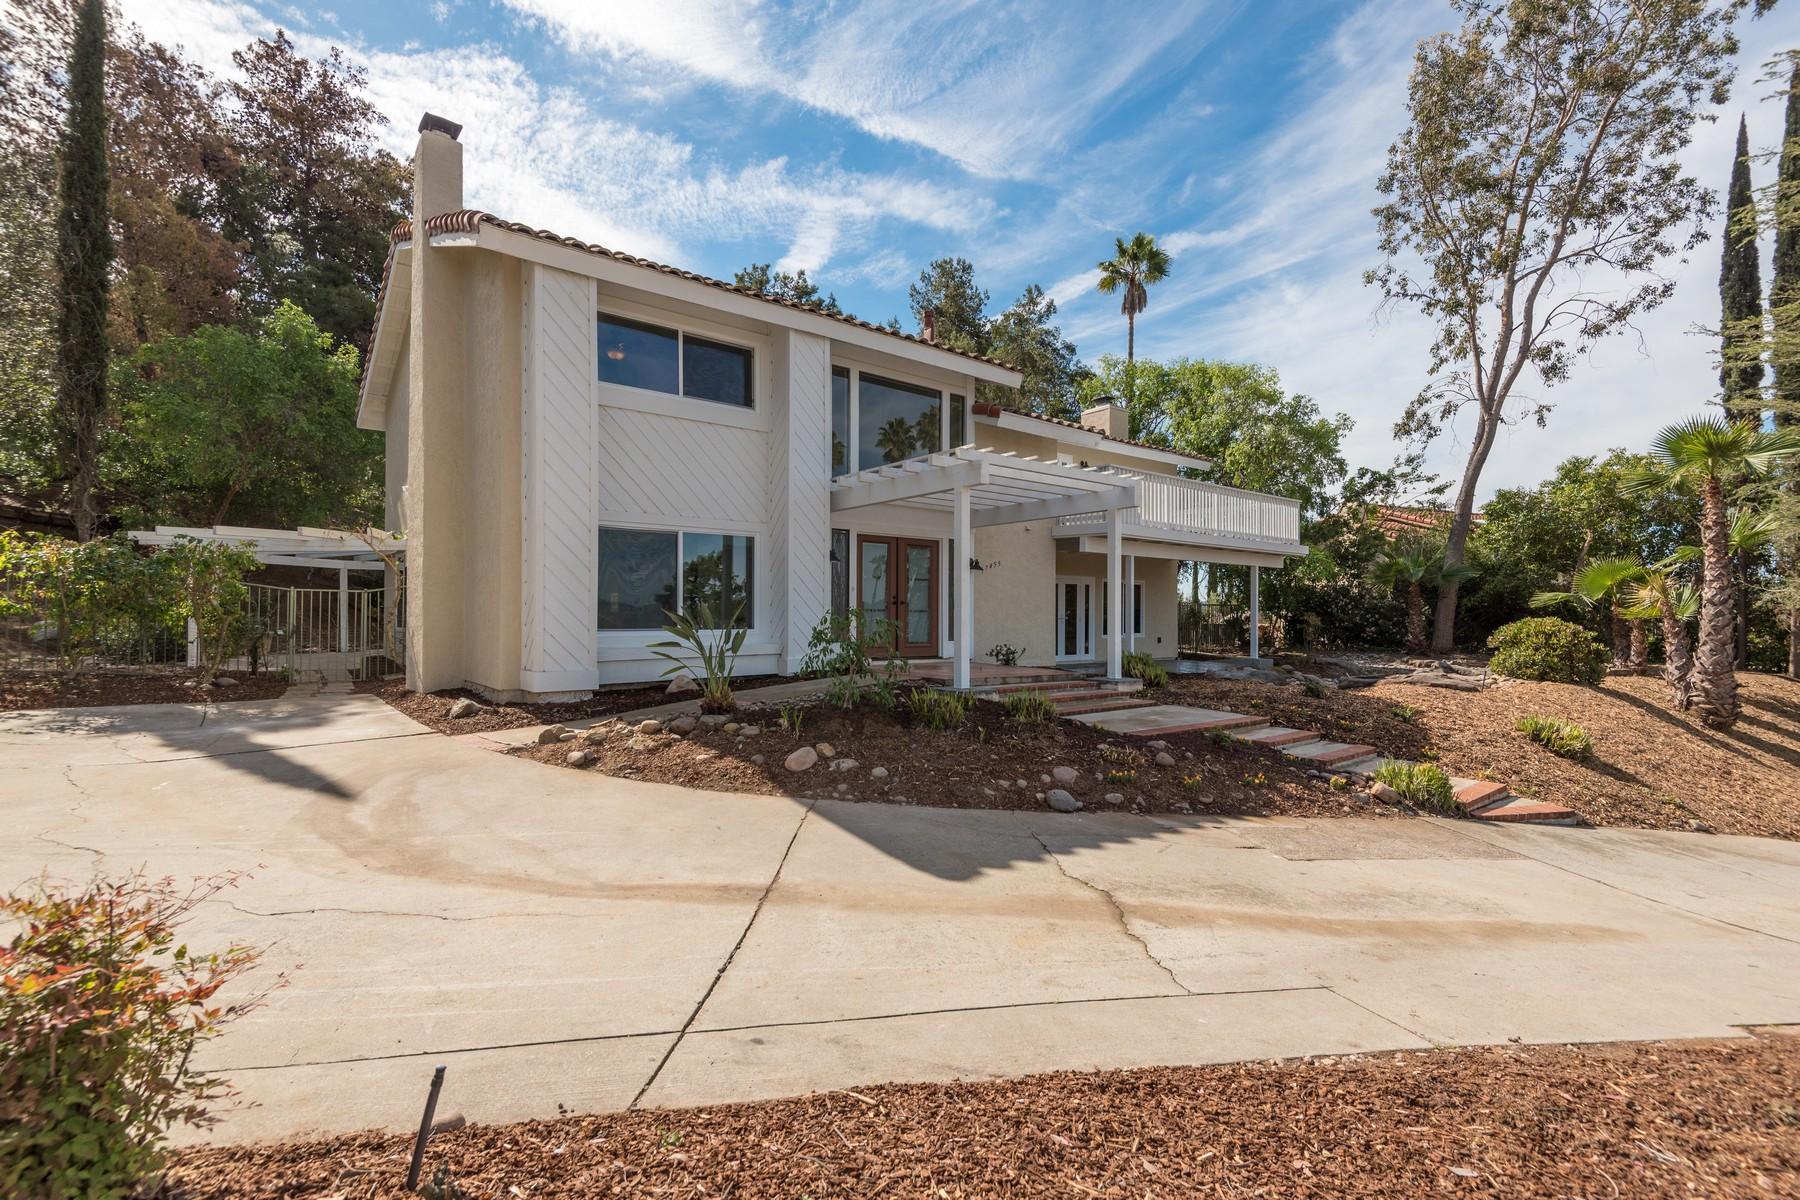 Casa para uma família para Venda às 17455 Gibraltar Court 17455 Gibraltar Ct San Diego, Califórnia, 92128 Estados Unidos